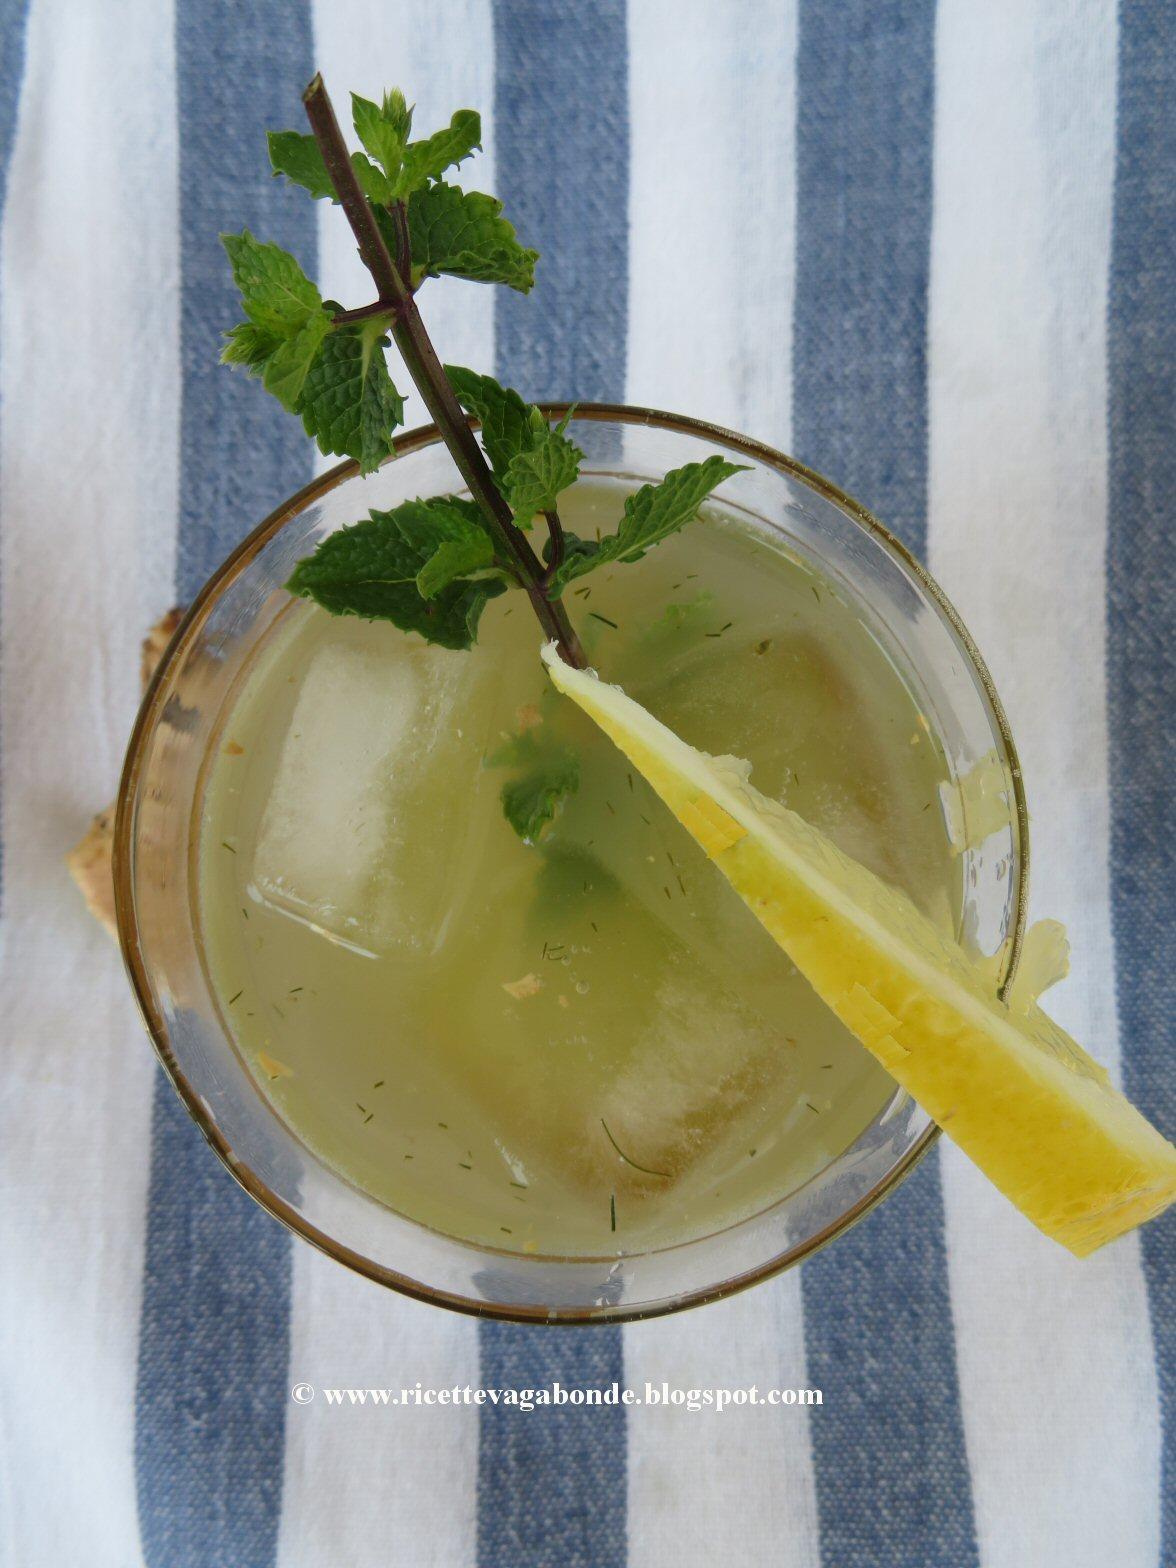 Ricetta Limonata Con Menta.Ricette Vagabonde Limonata Verde Siriana Con Menta E Zenzero